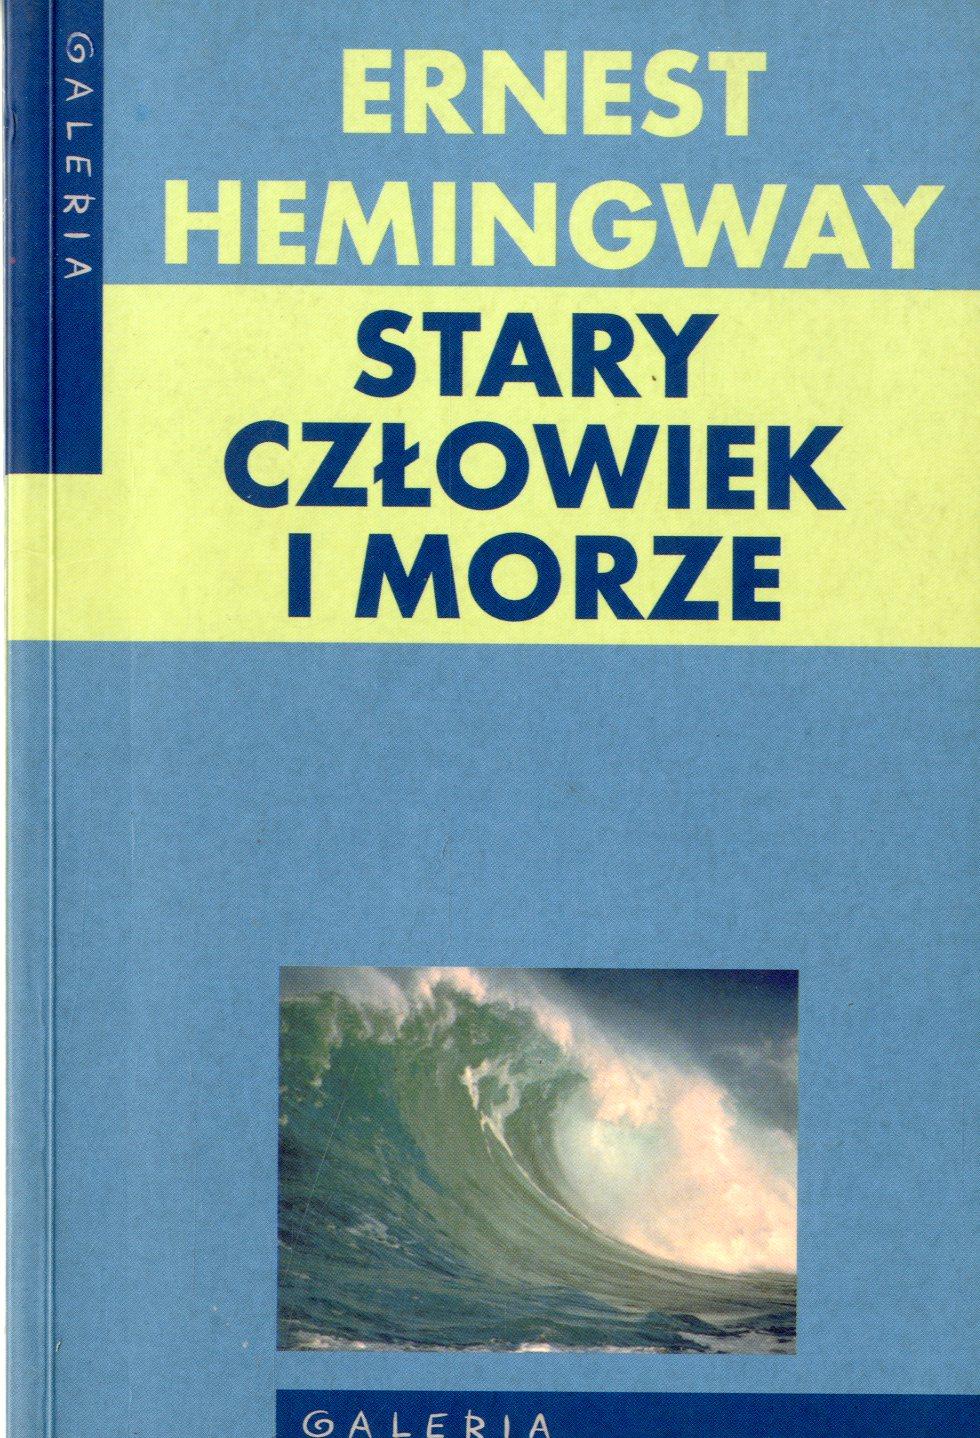 Stary Człowiek I Morze Ernest Hemingway Wbibliotecepl